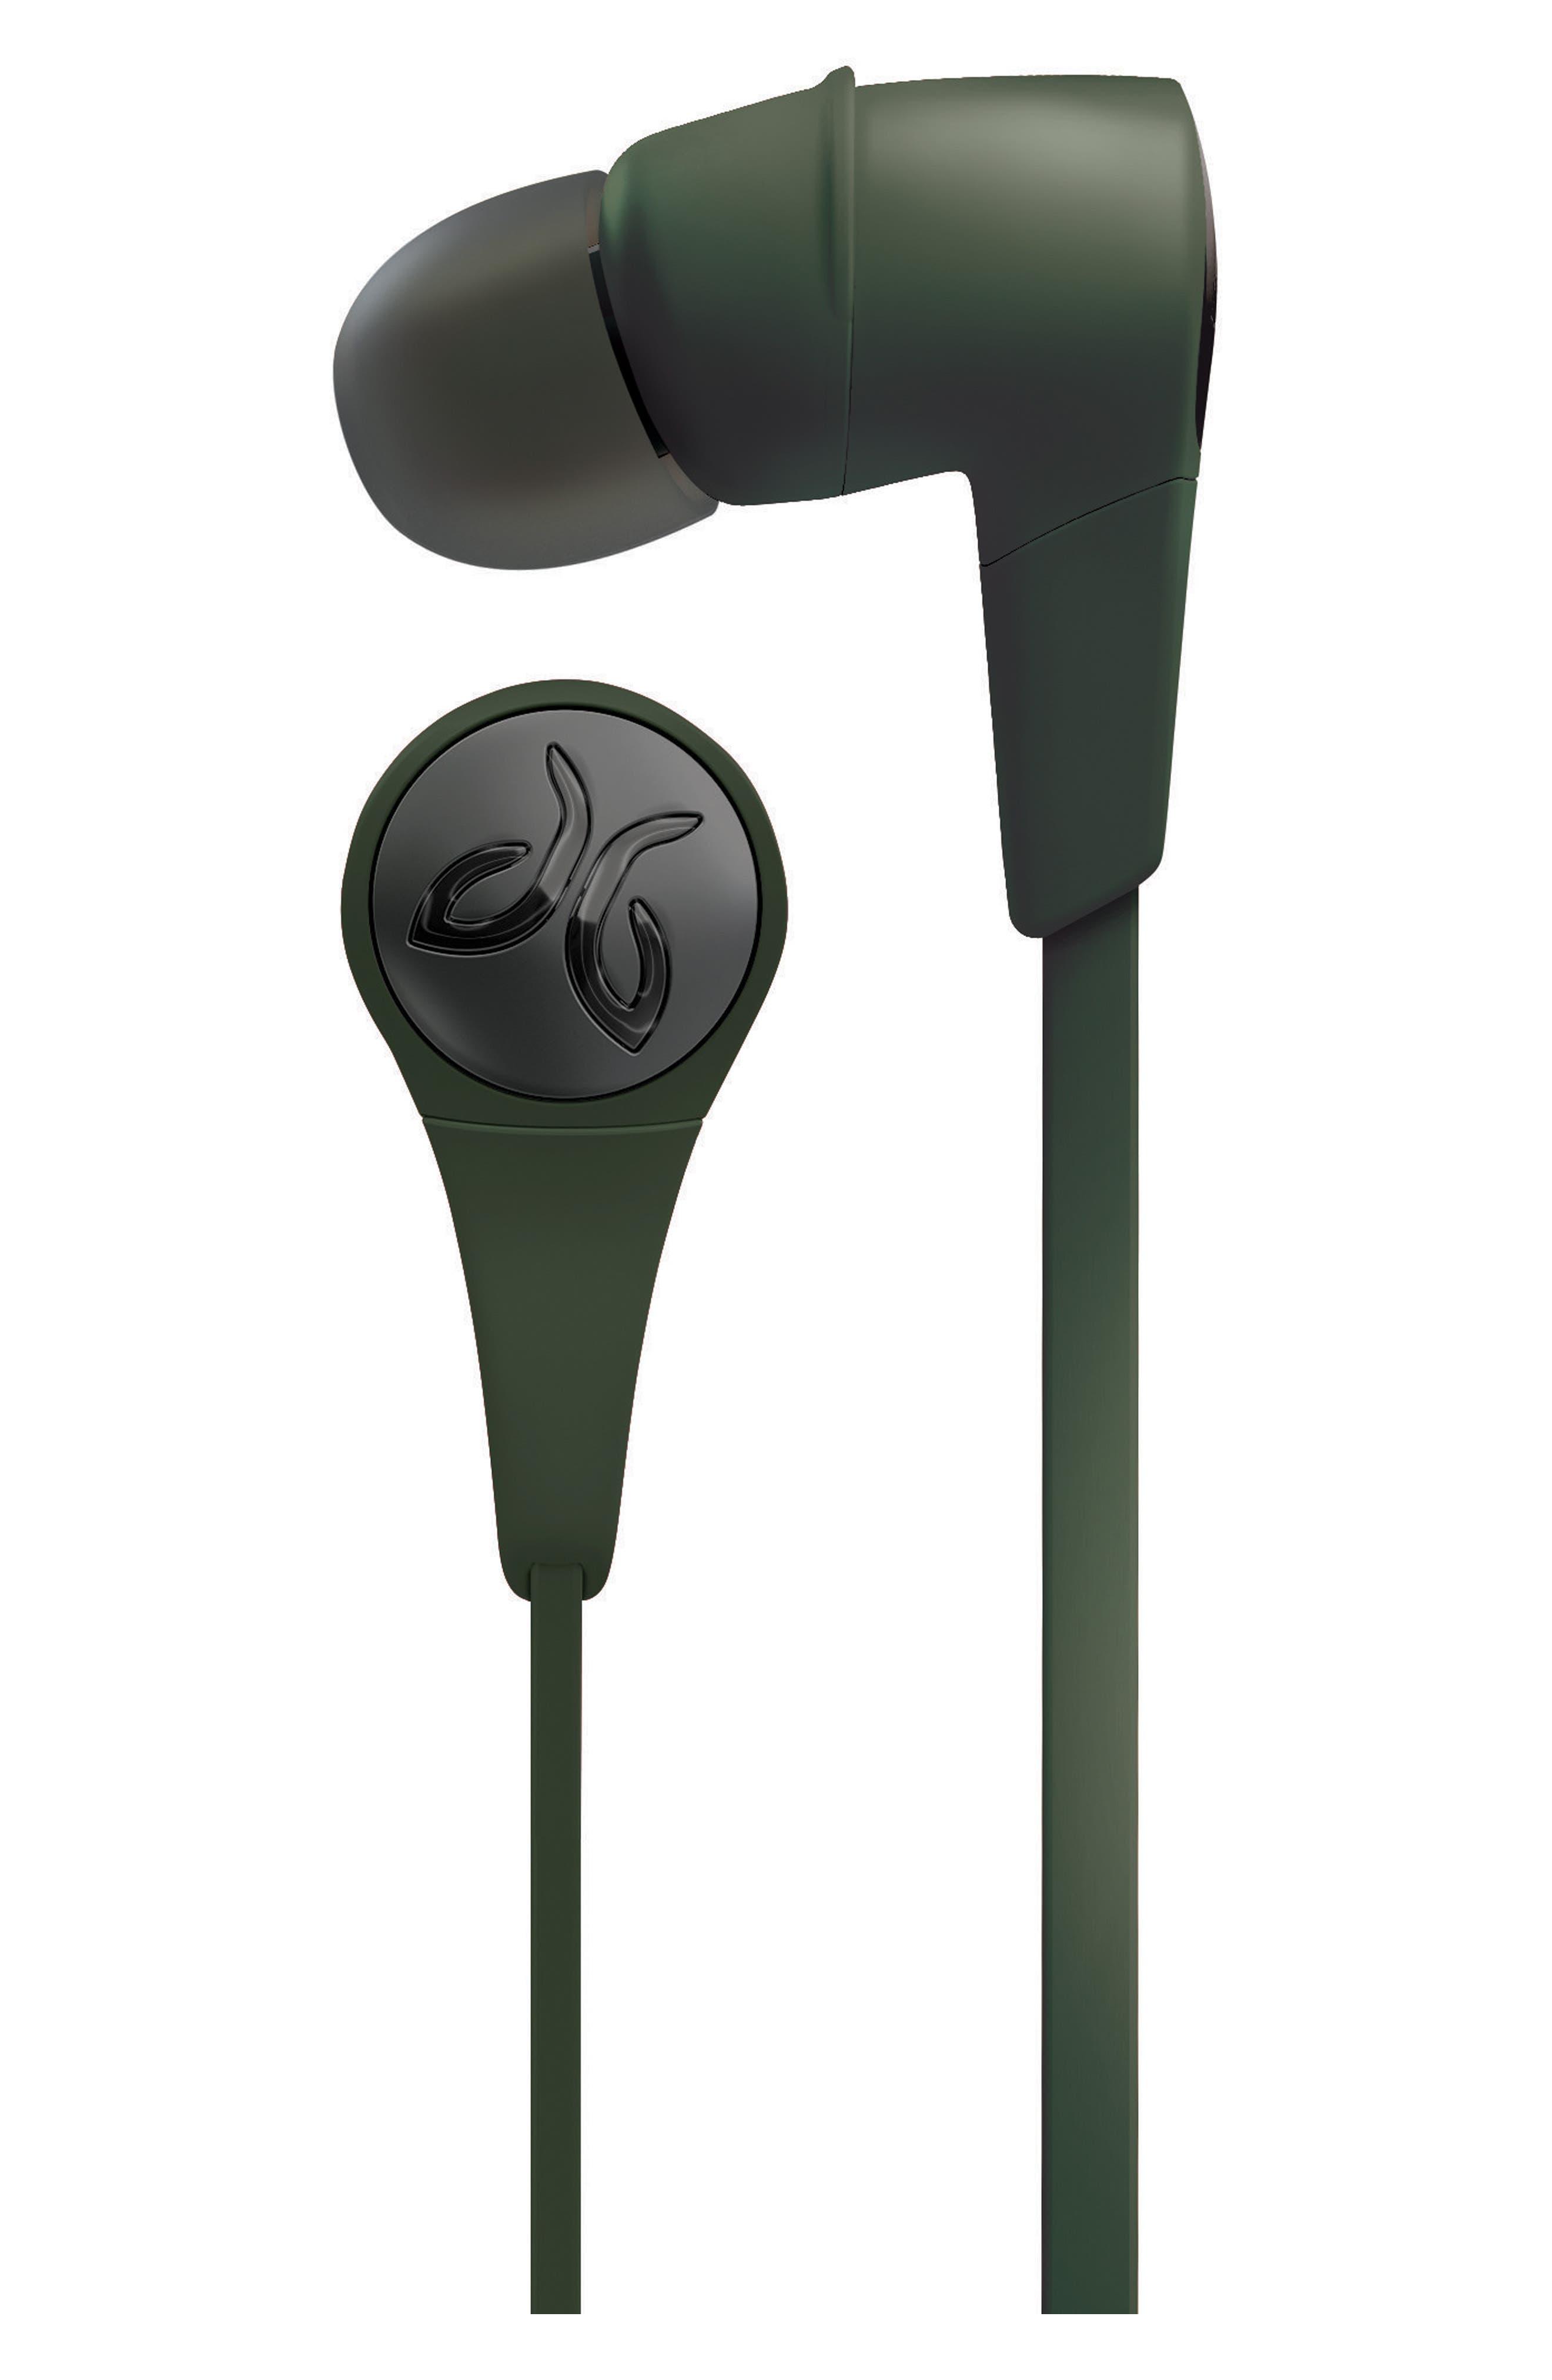 Alternate Image 1 Selected - Jaybird x3 Sport BT Wireless Earbuds